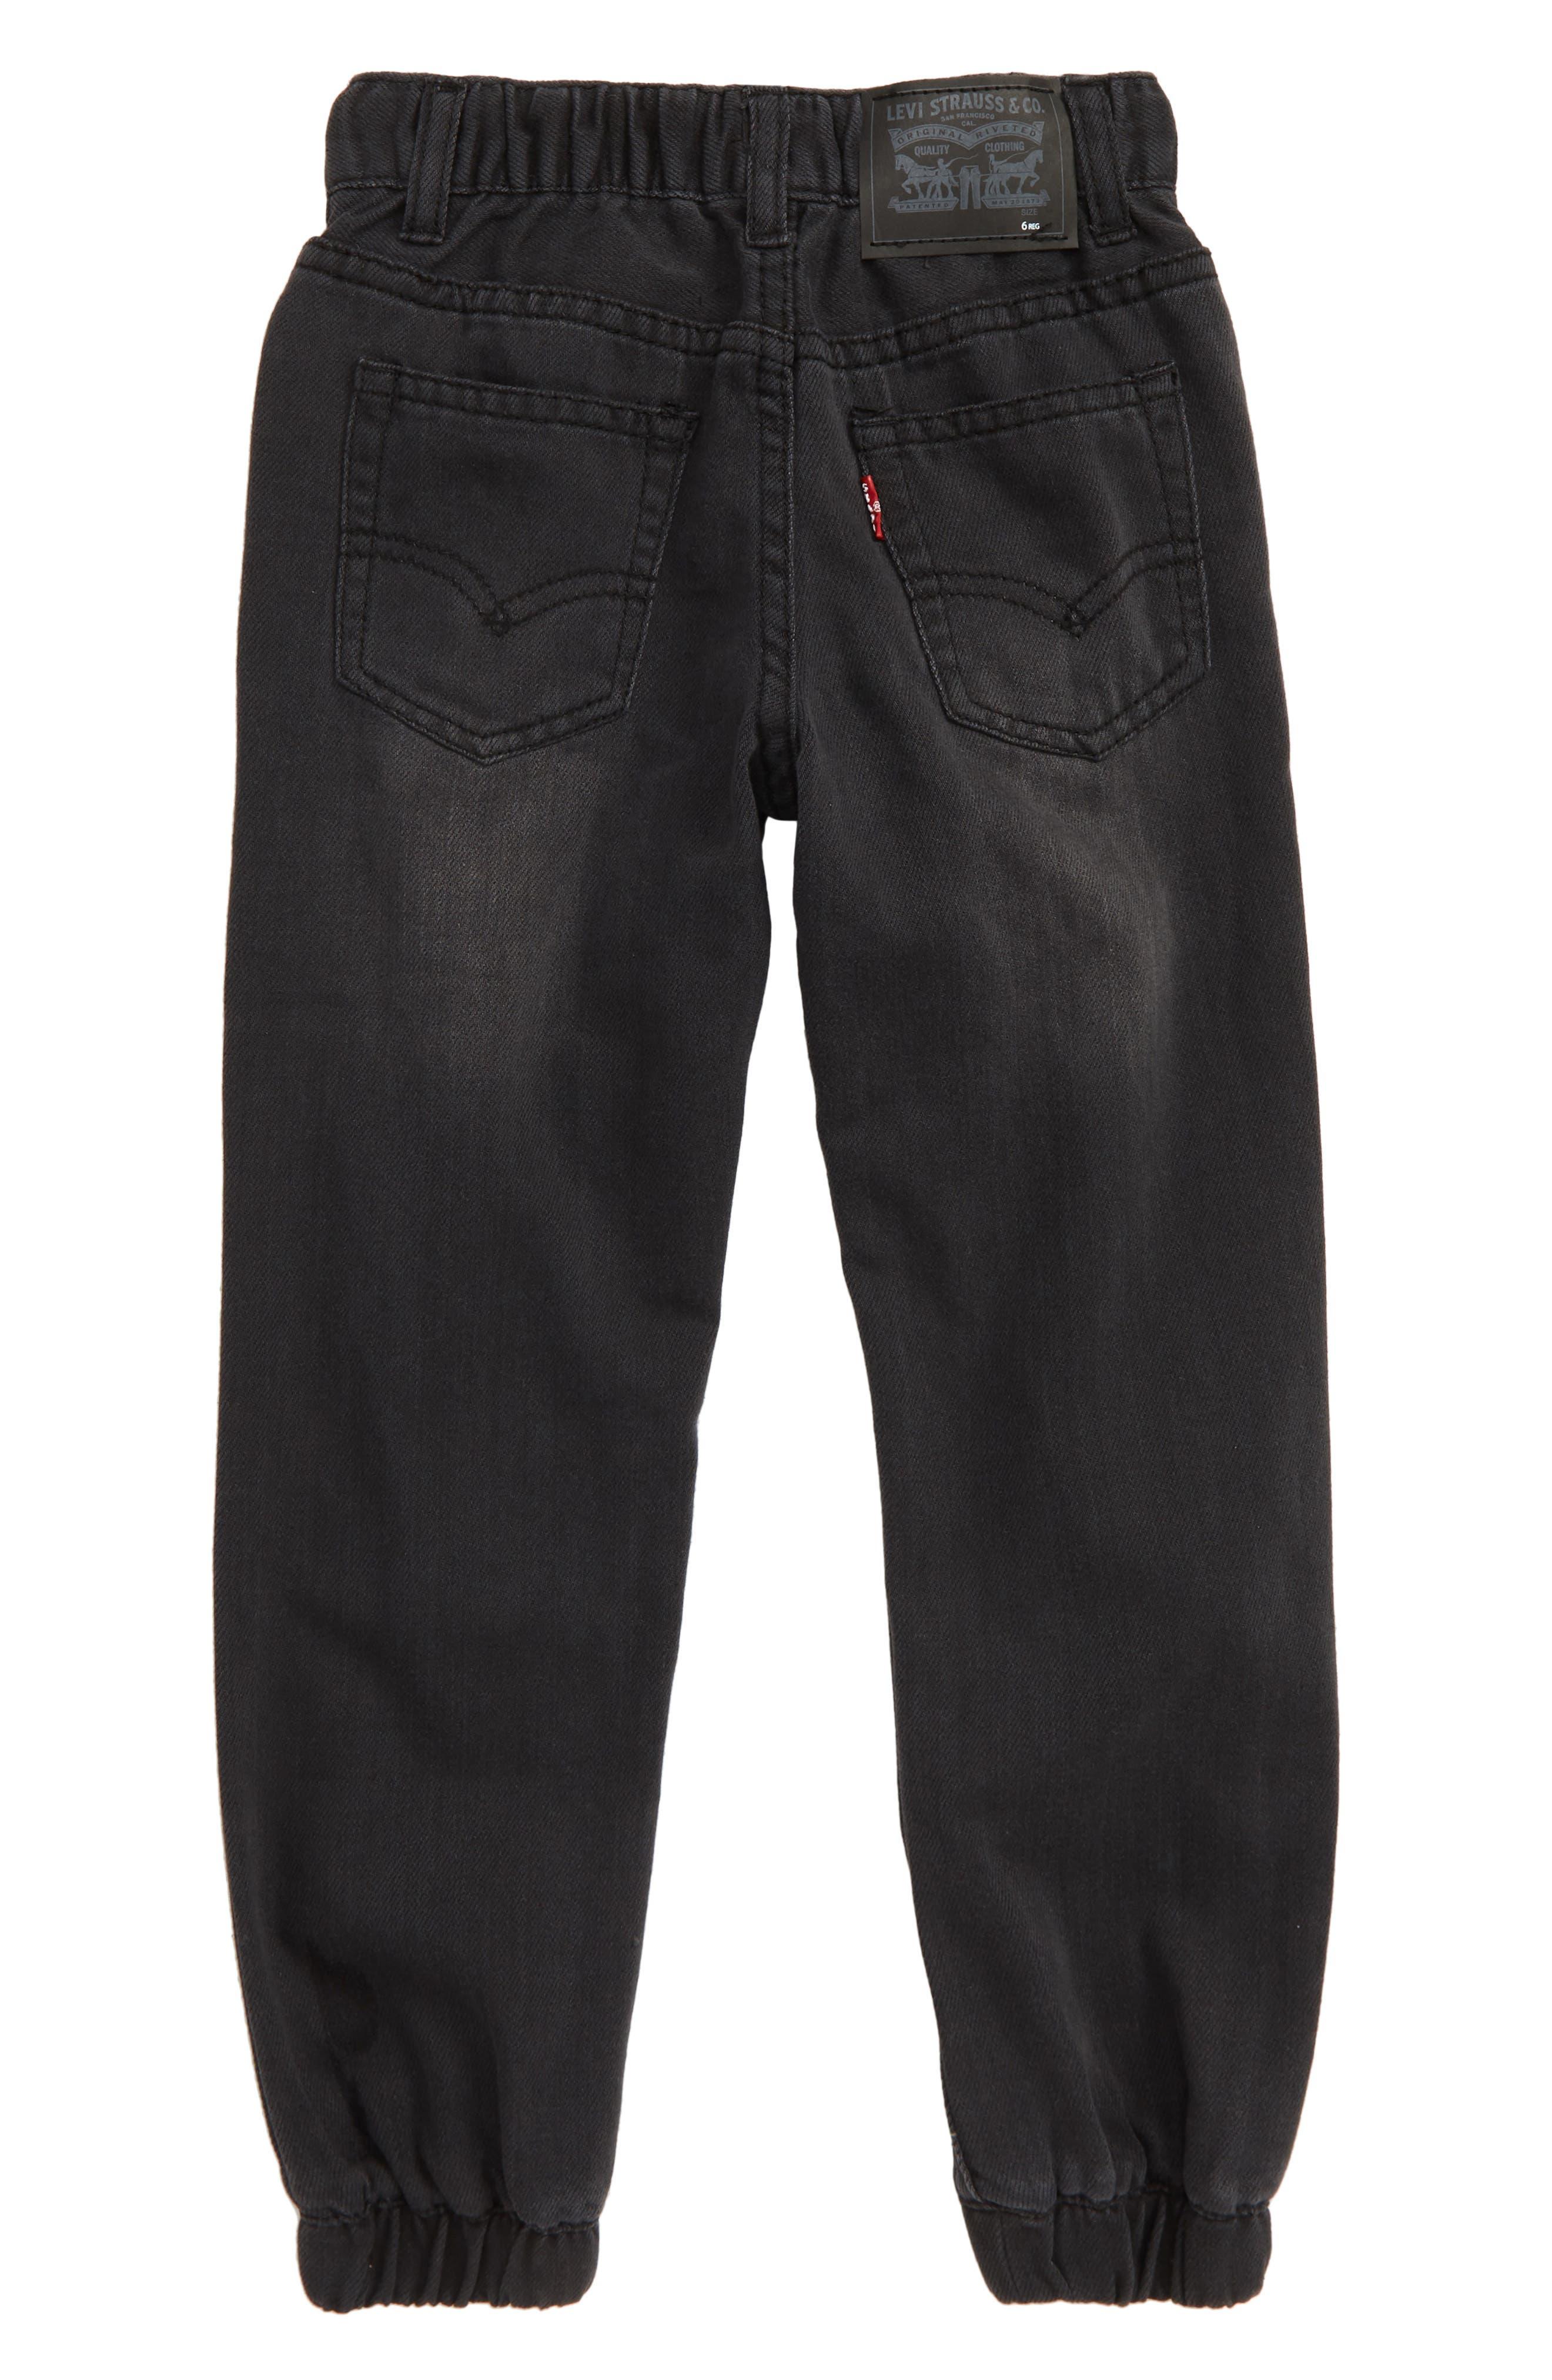 LEVI'S<SUP>®</SUP>, Denim Jogger Pants, Alternate thumbnail 2, color, BACK TO BLACK